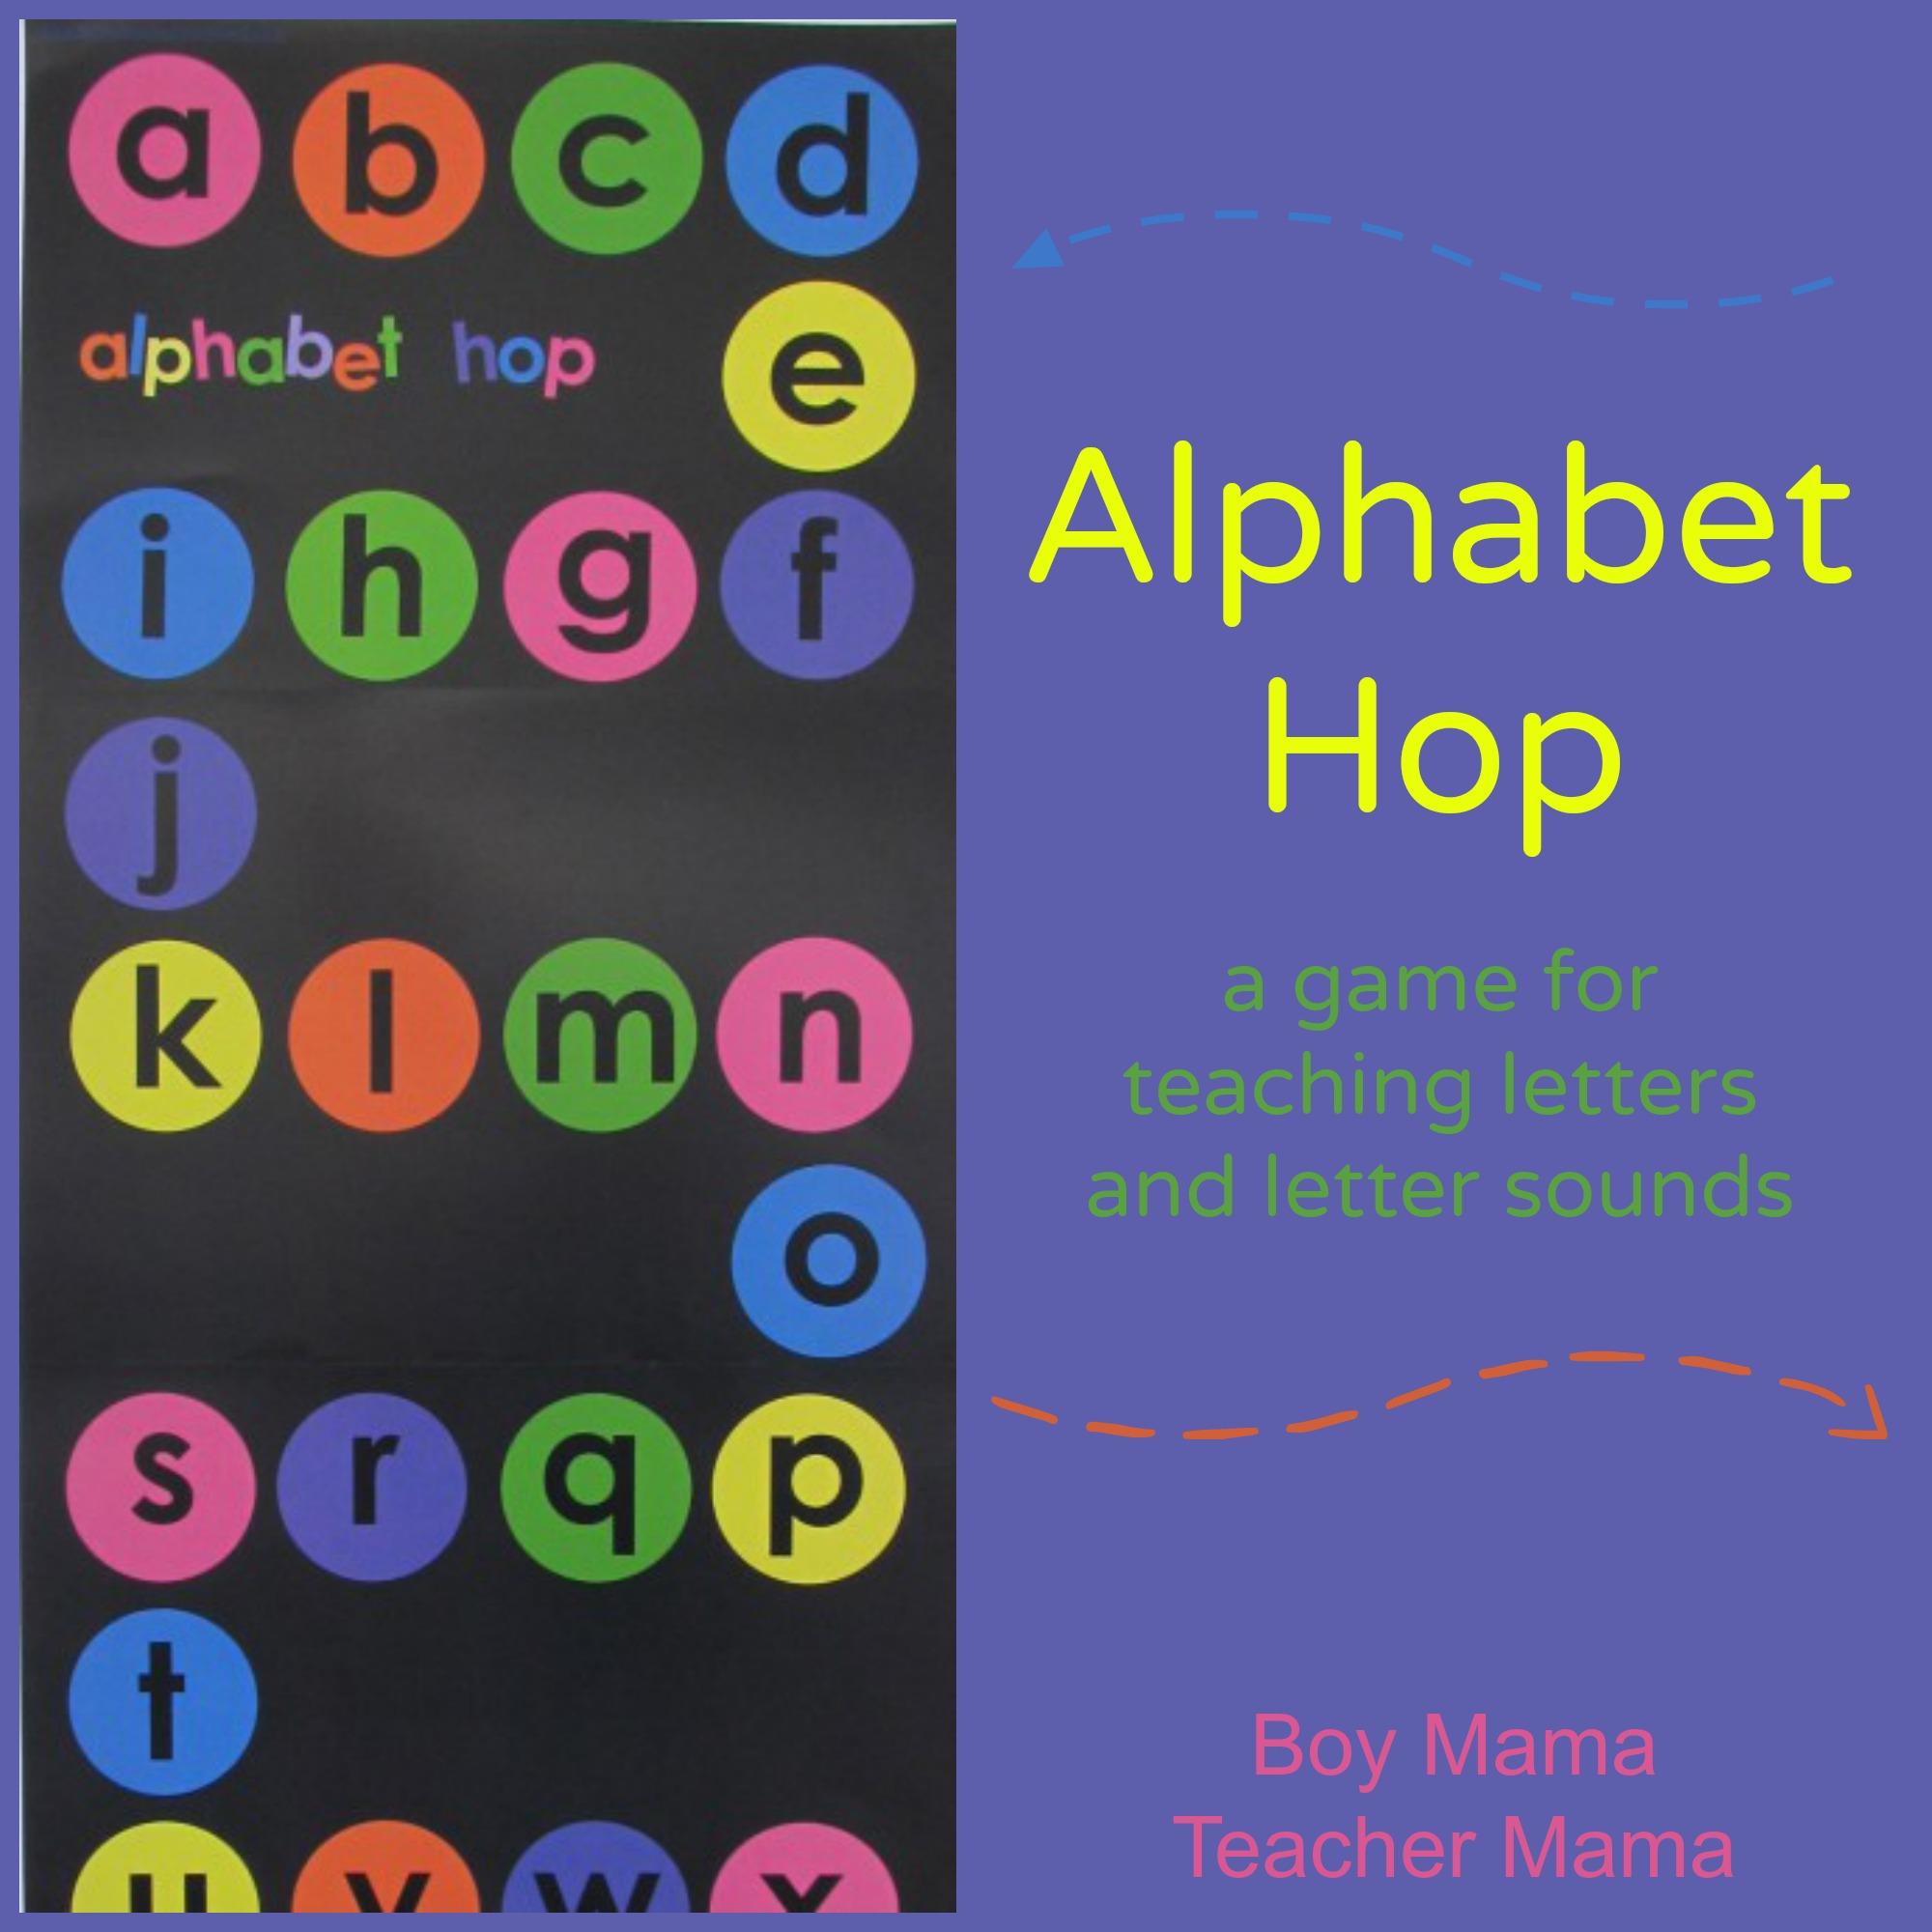 Boy Mama Teacher Mama | Alphabet Hop